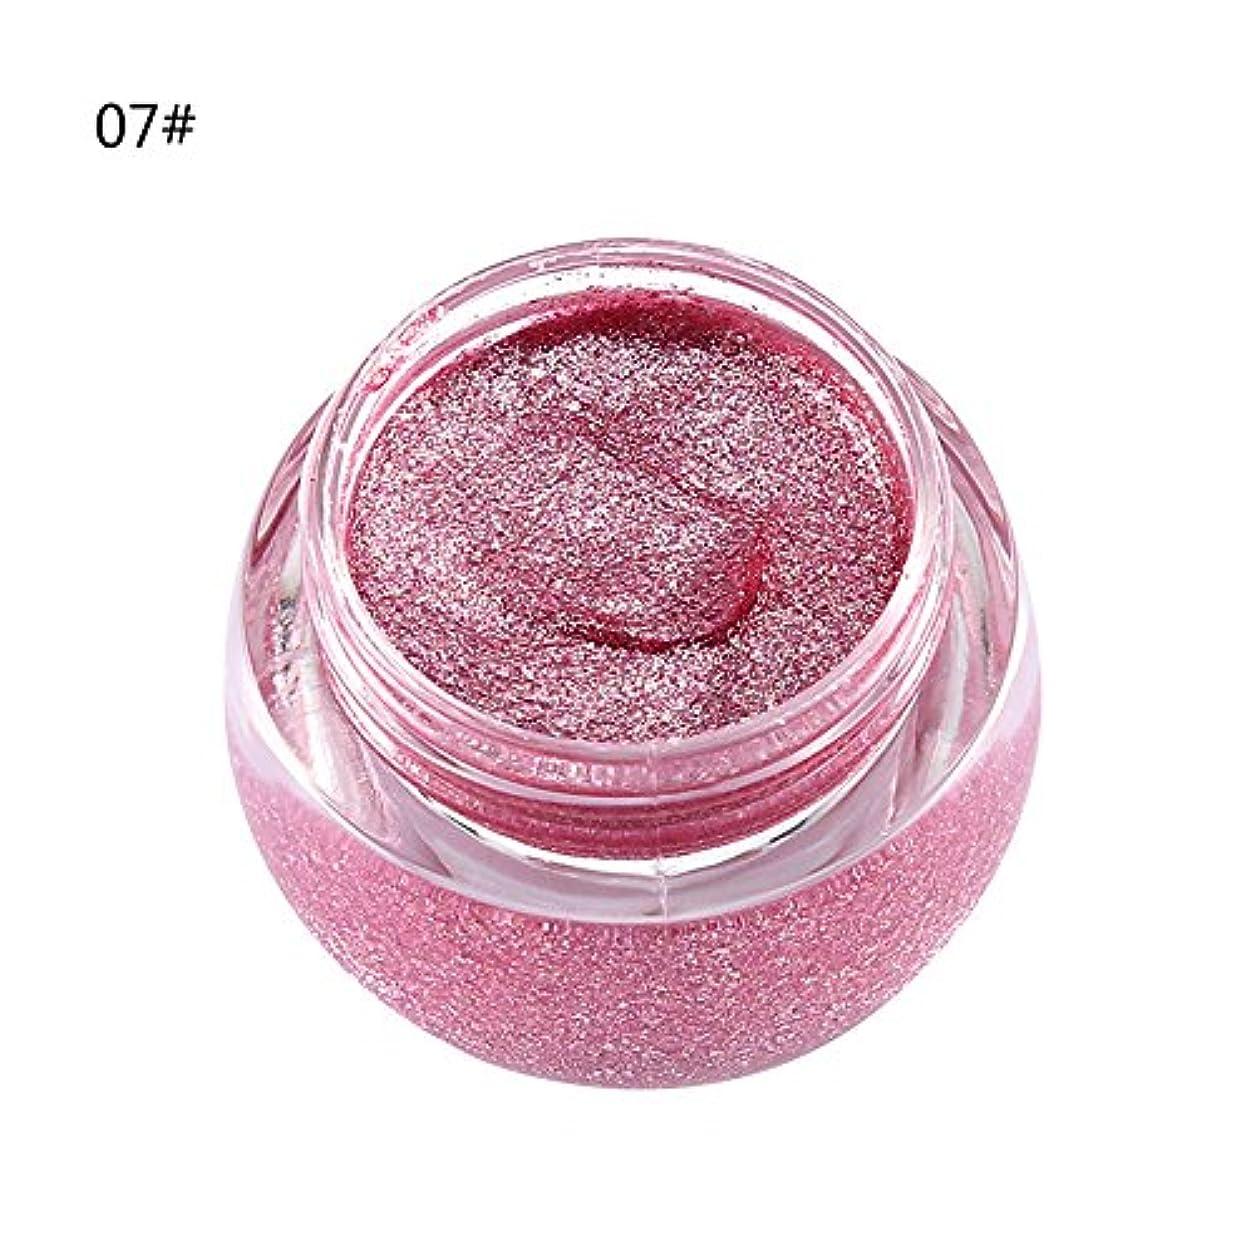 イブ爵ひまわりアイシャドウ 単色 化粧品 光沢 保湿 キラキラ 美しい タイプ 07